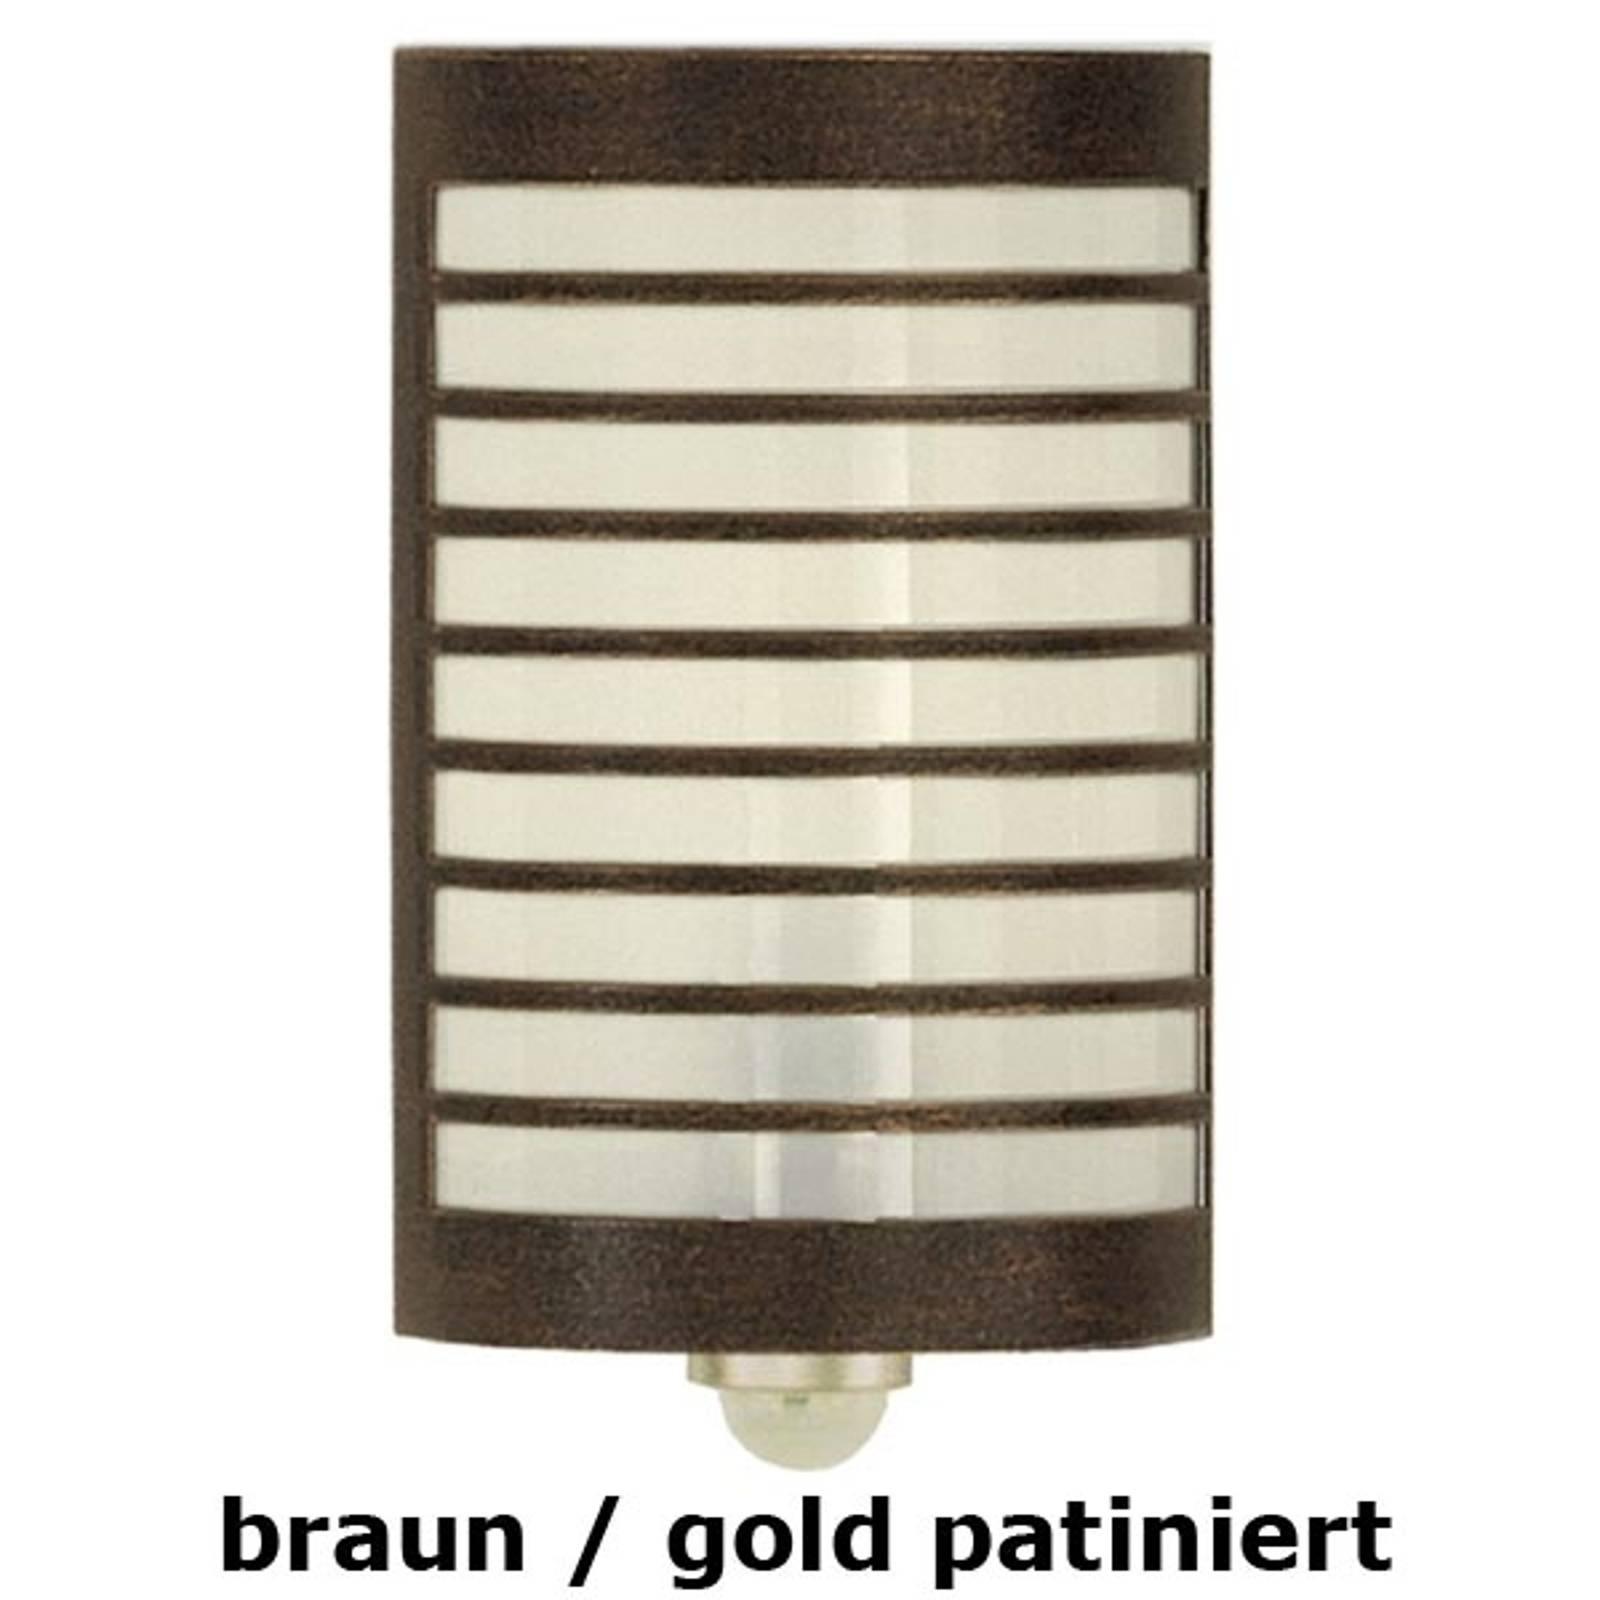 Wandleuchte TERU mit Bewegungsmelder braun/gold pa